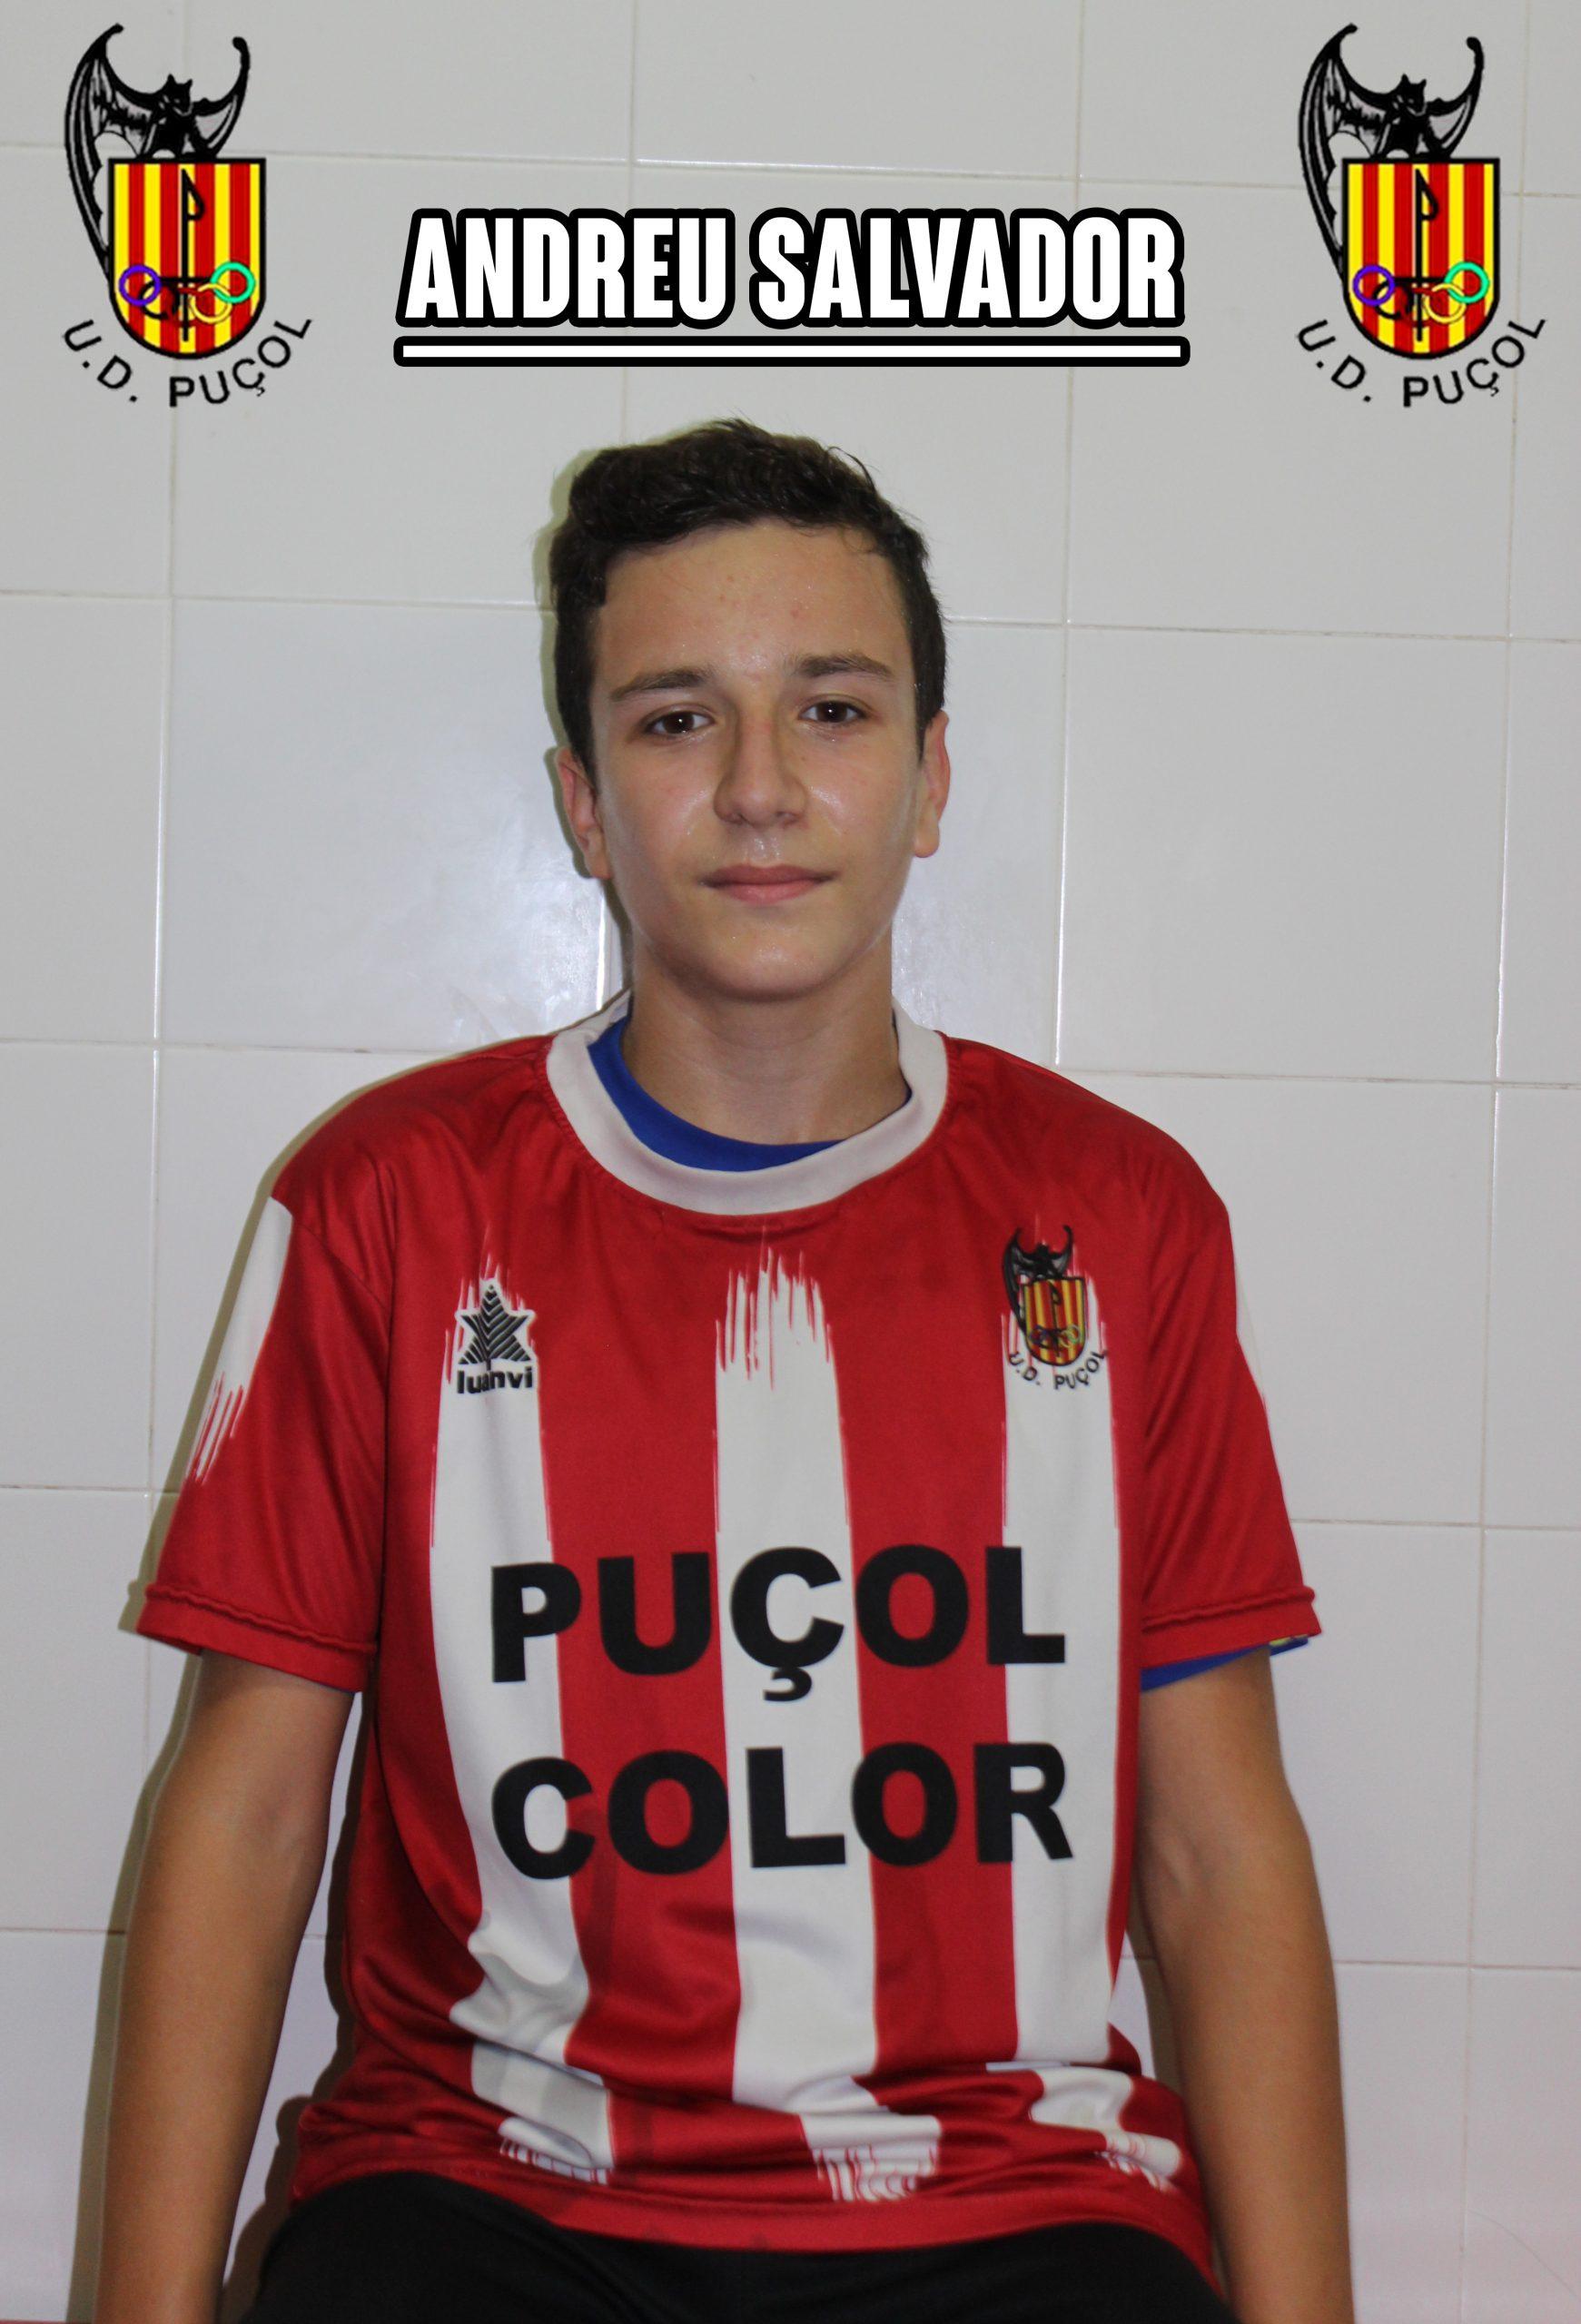 Andreu Salvador